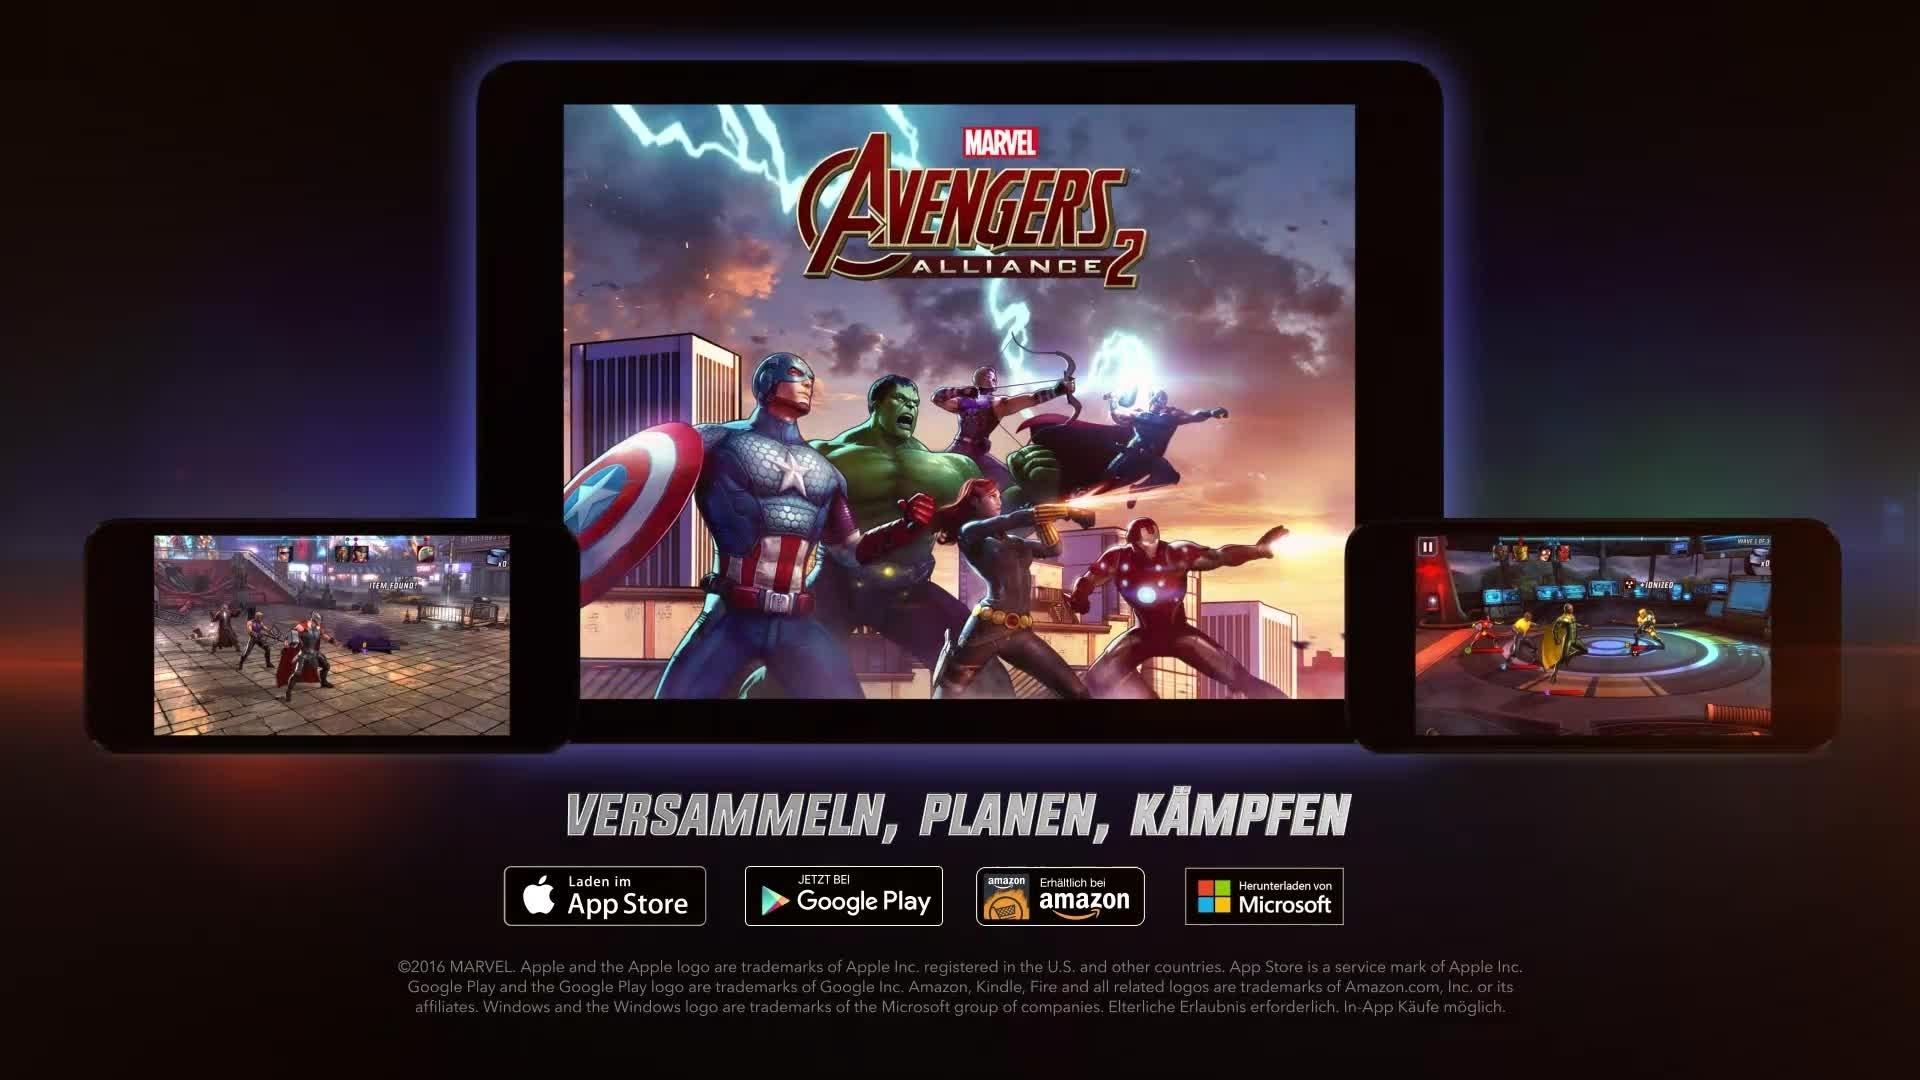 Marvel: Avengers Alliance 2 - Trailer